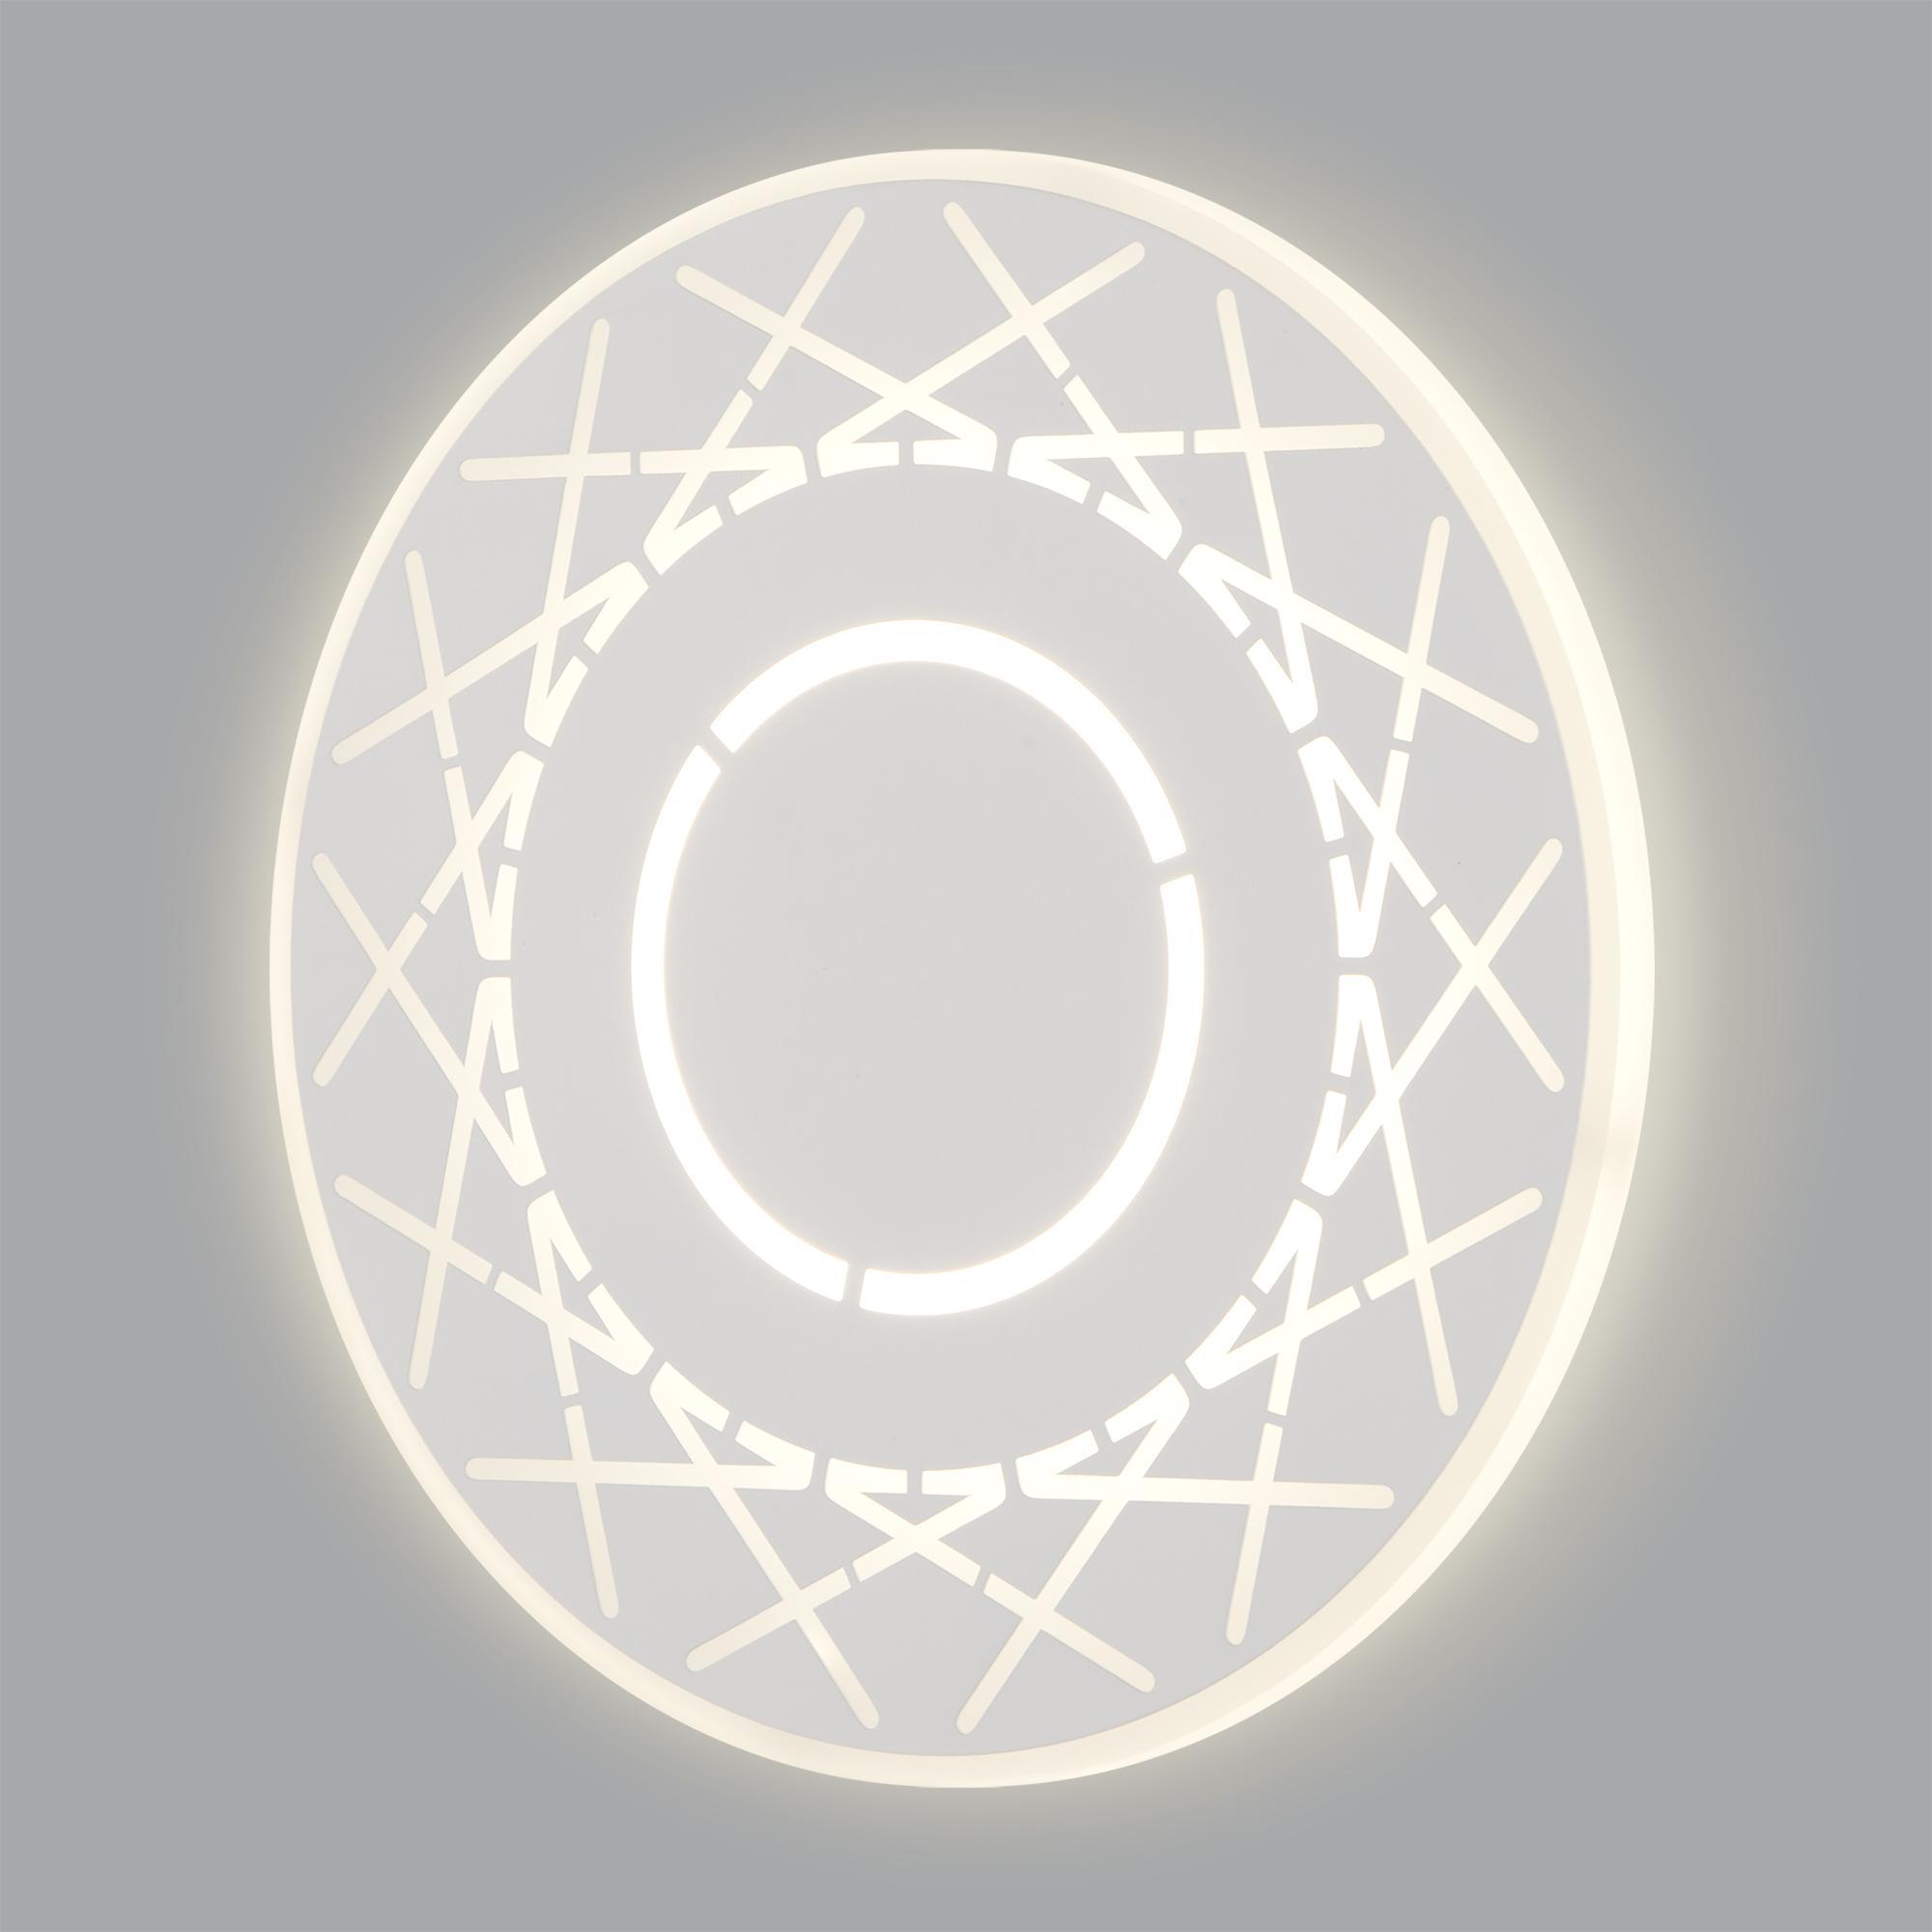 Интерьерная подсветка